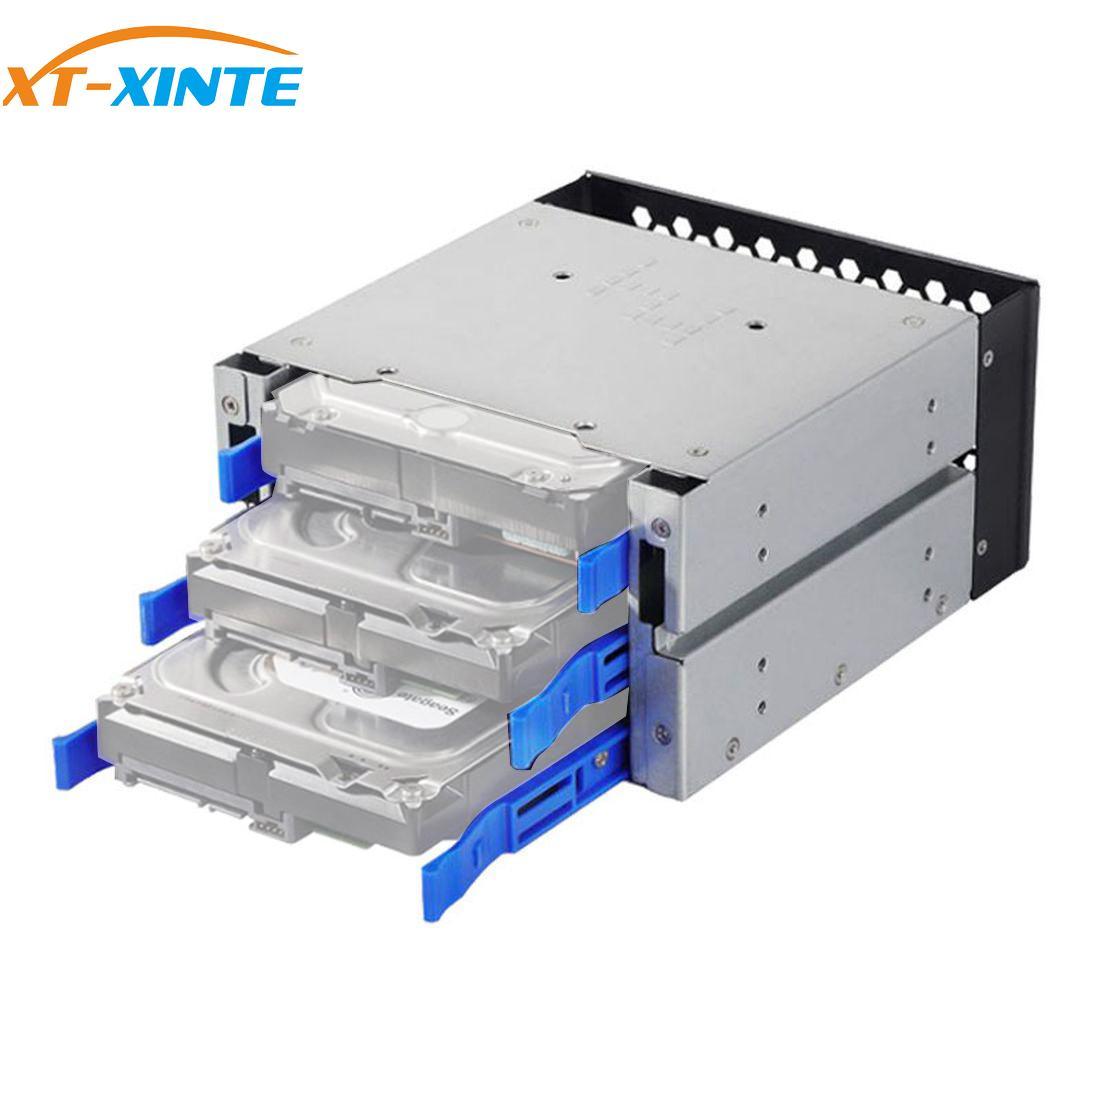 XT XINTE disco duro HDD de gran capacidad, 3 puertos, bandeja de disco duro SAS SATA, Cable Caddy w SATA, Accesorios para ordenador Estuches para discos duros  - AliExpress